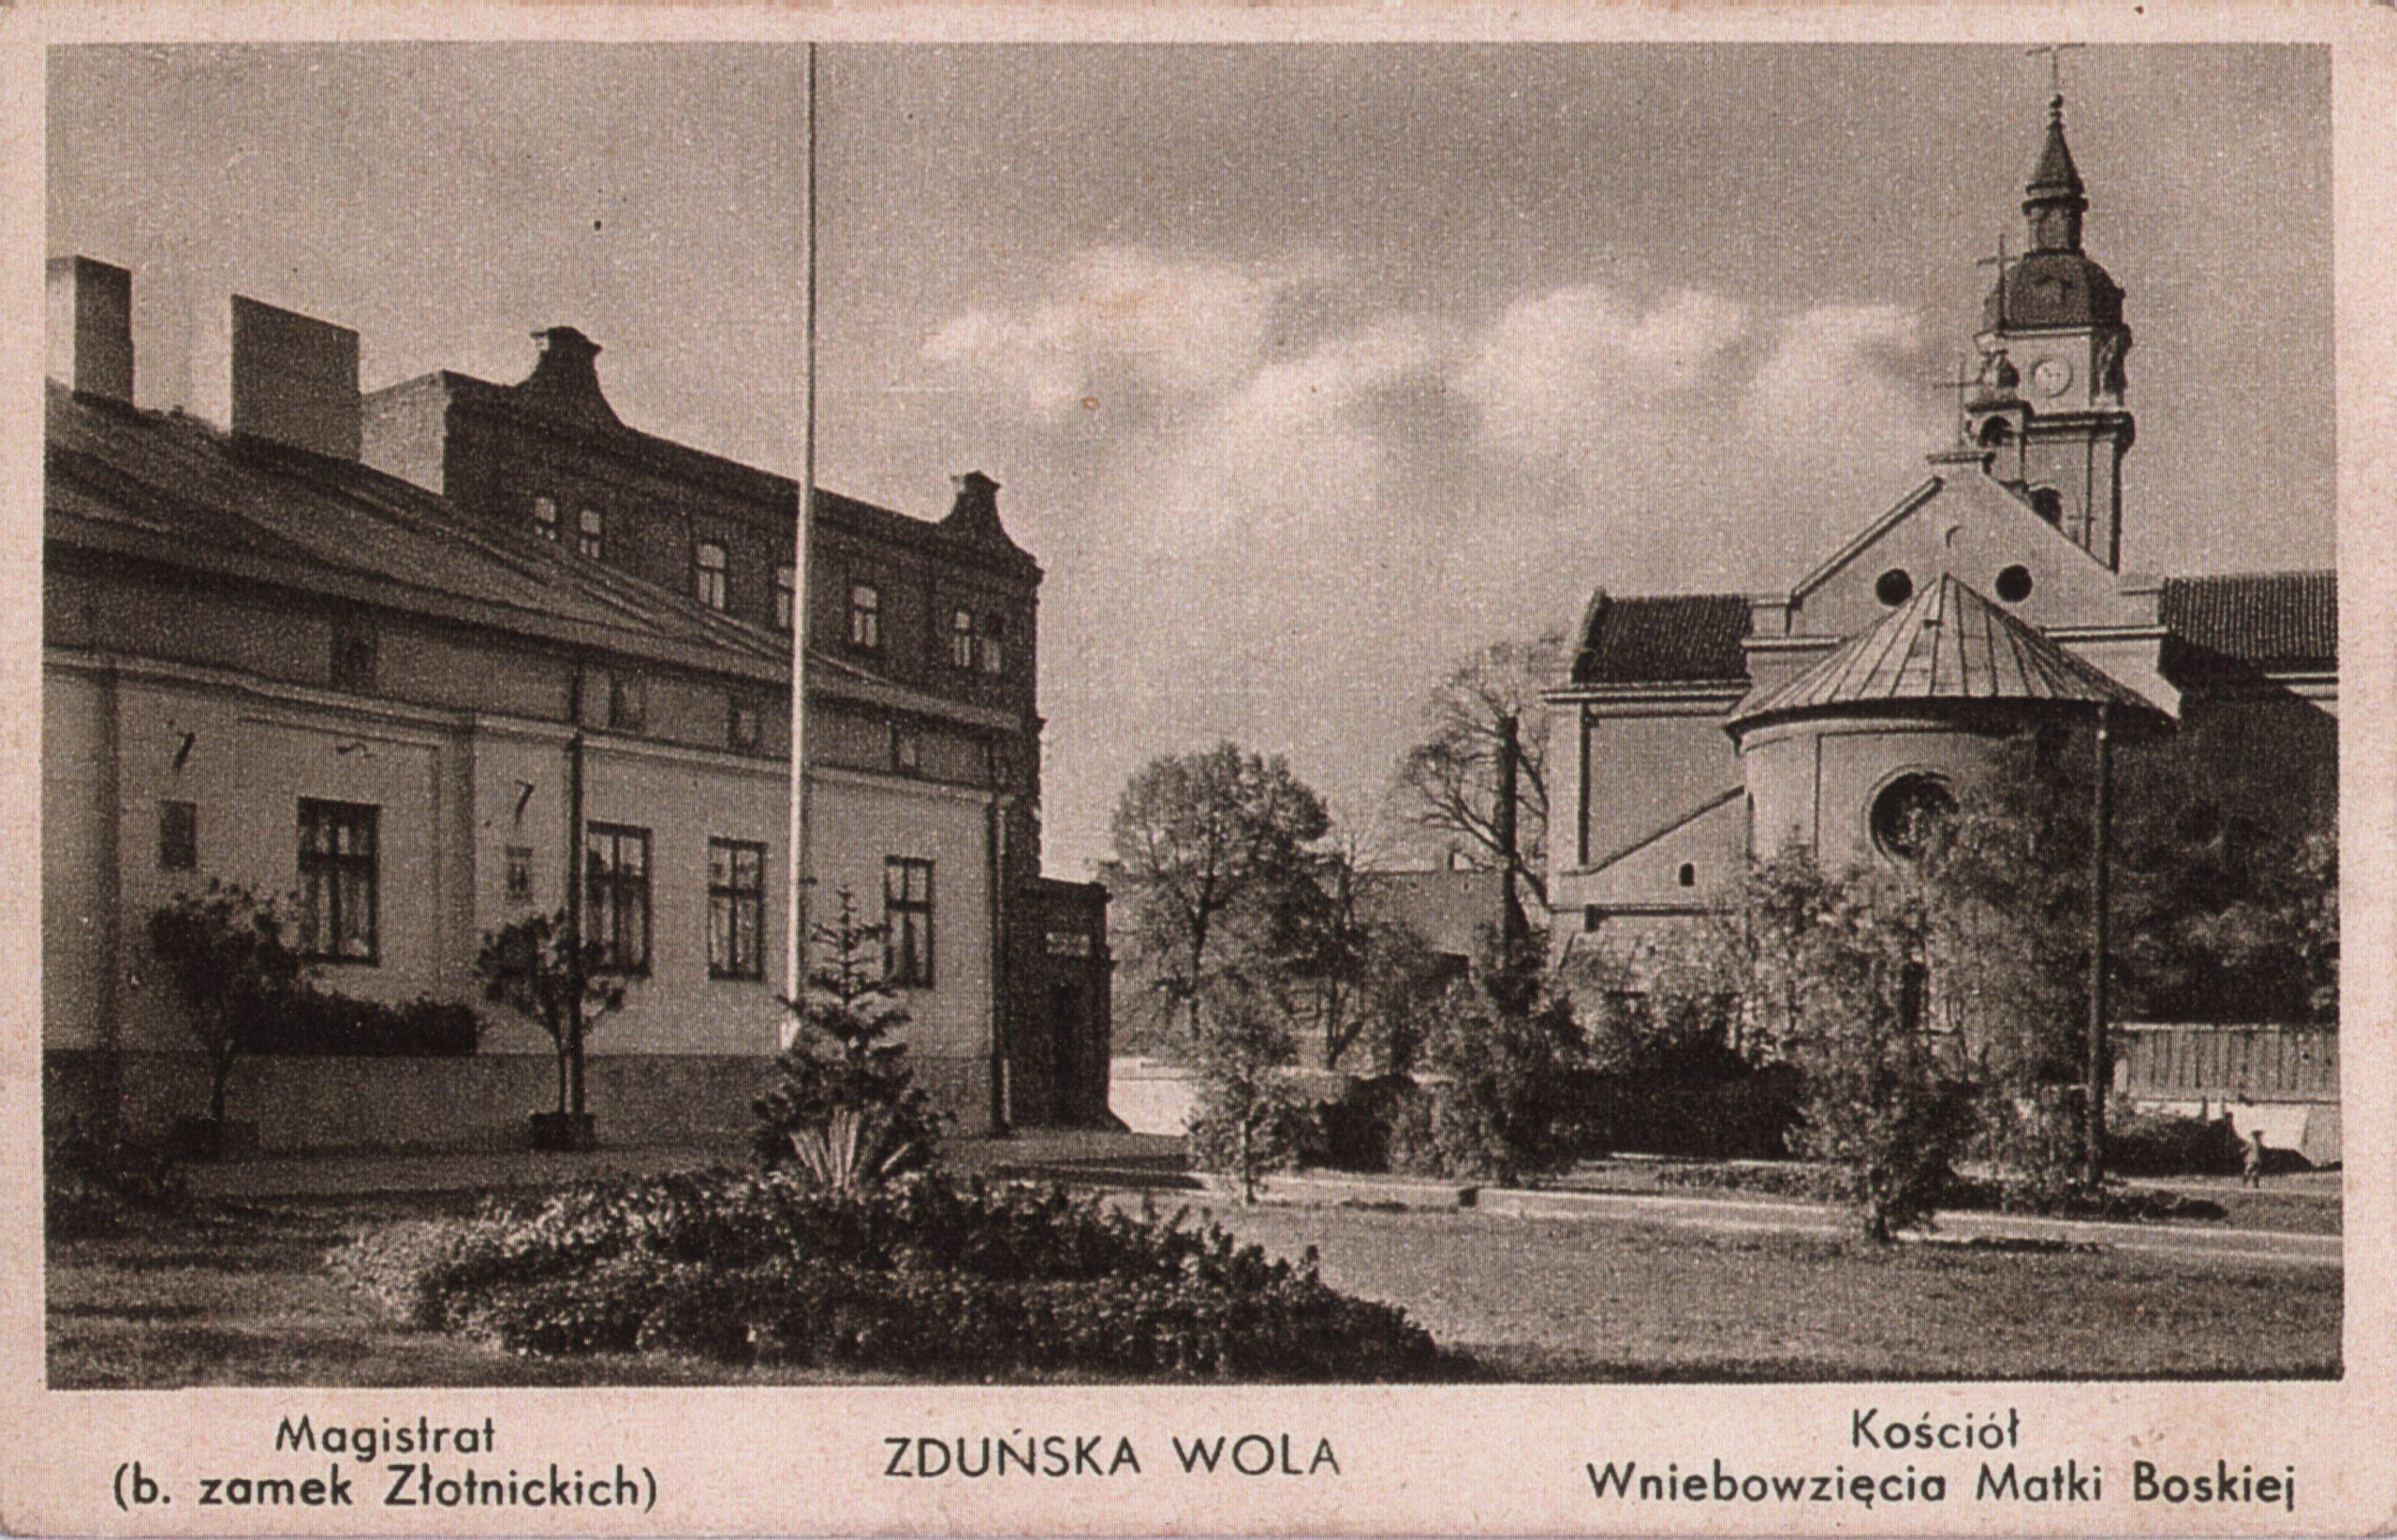 Historyczna kartka pocztowa przedstawiająca fotografię Manufaktury Stefana Złotnickiego